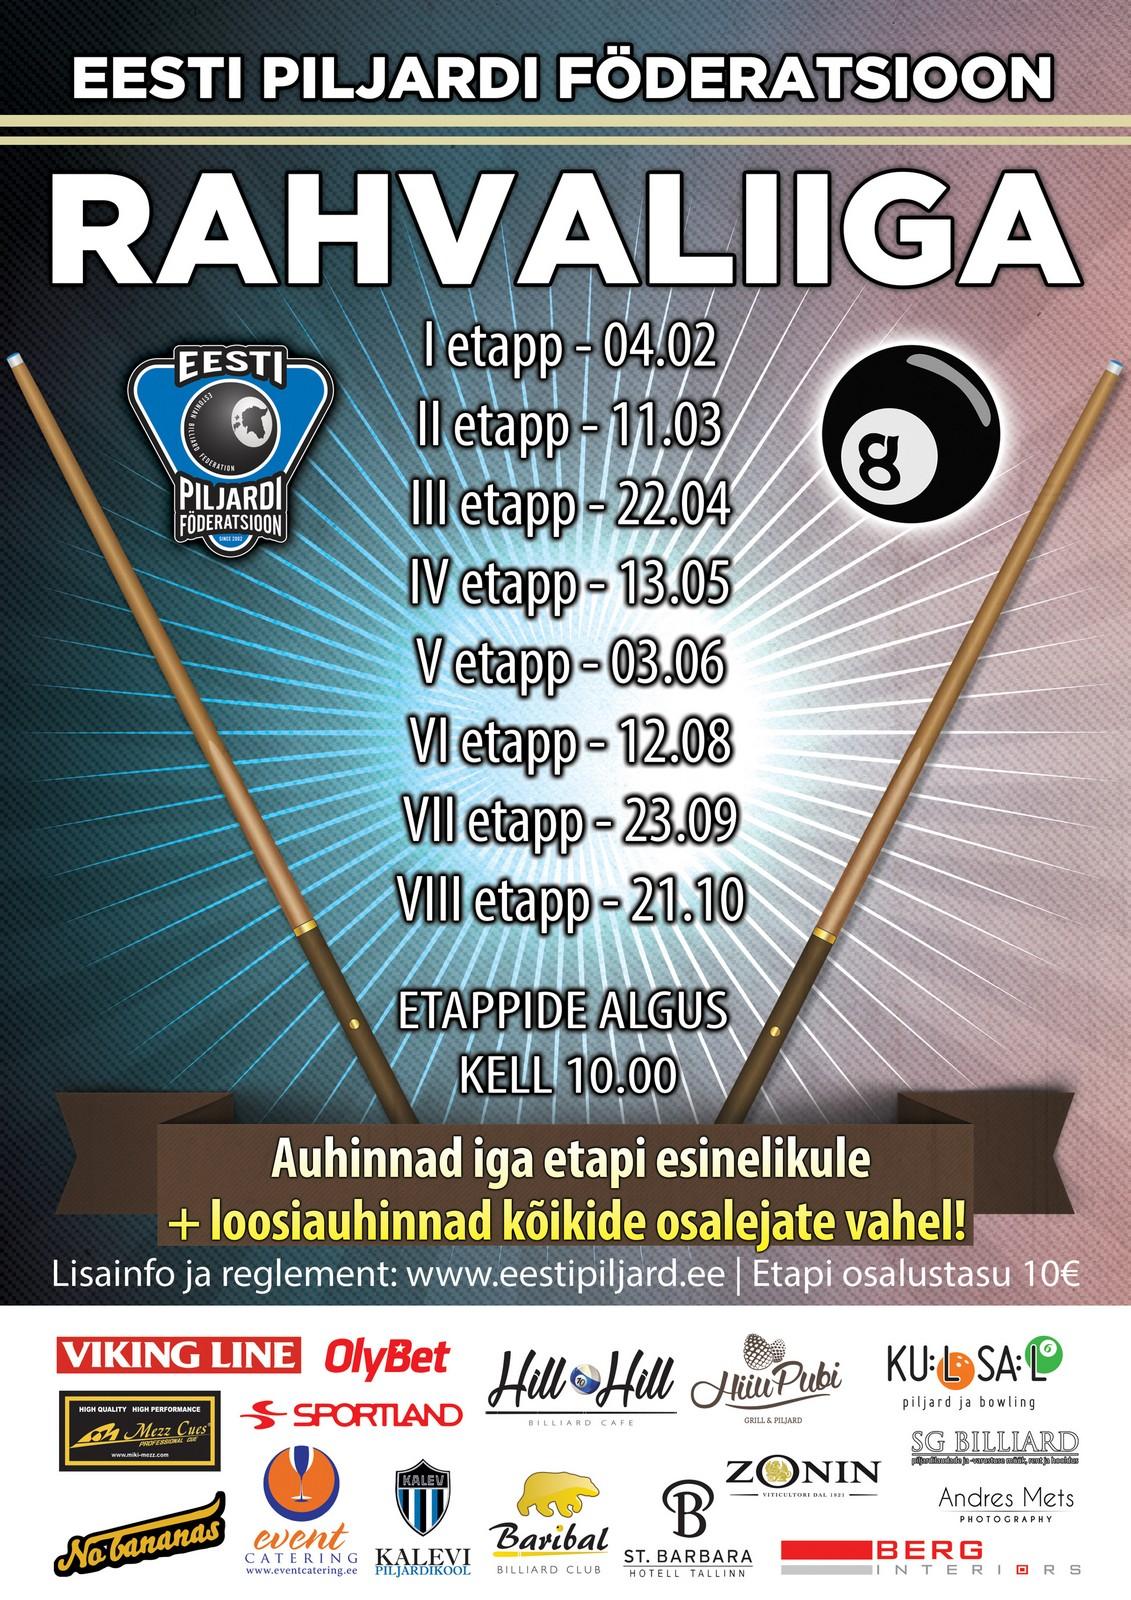 Eesti Piljardi Föderatsioon - Rahvaliiga kalender 2017